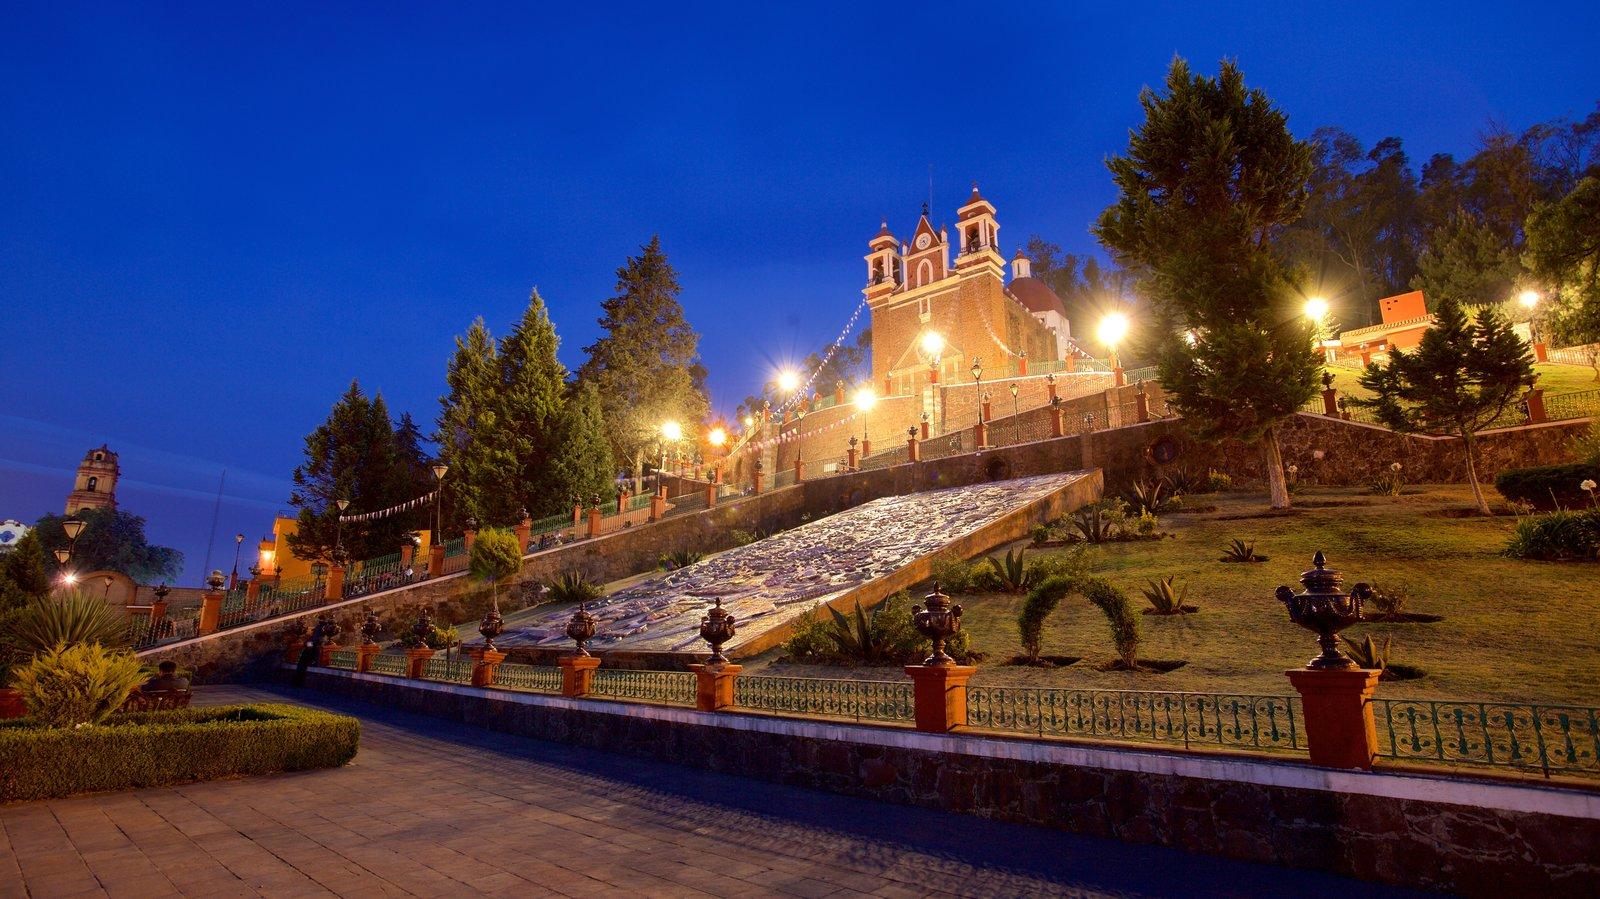 Metepec ofreciendo escenas nocturnas y una iglesia o catedral